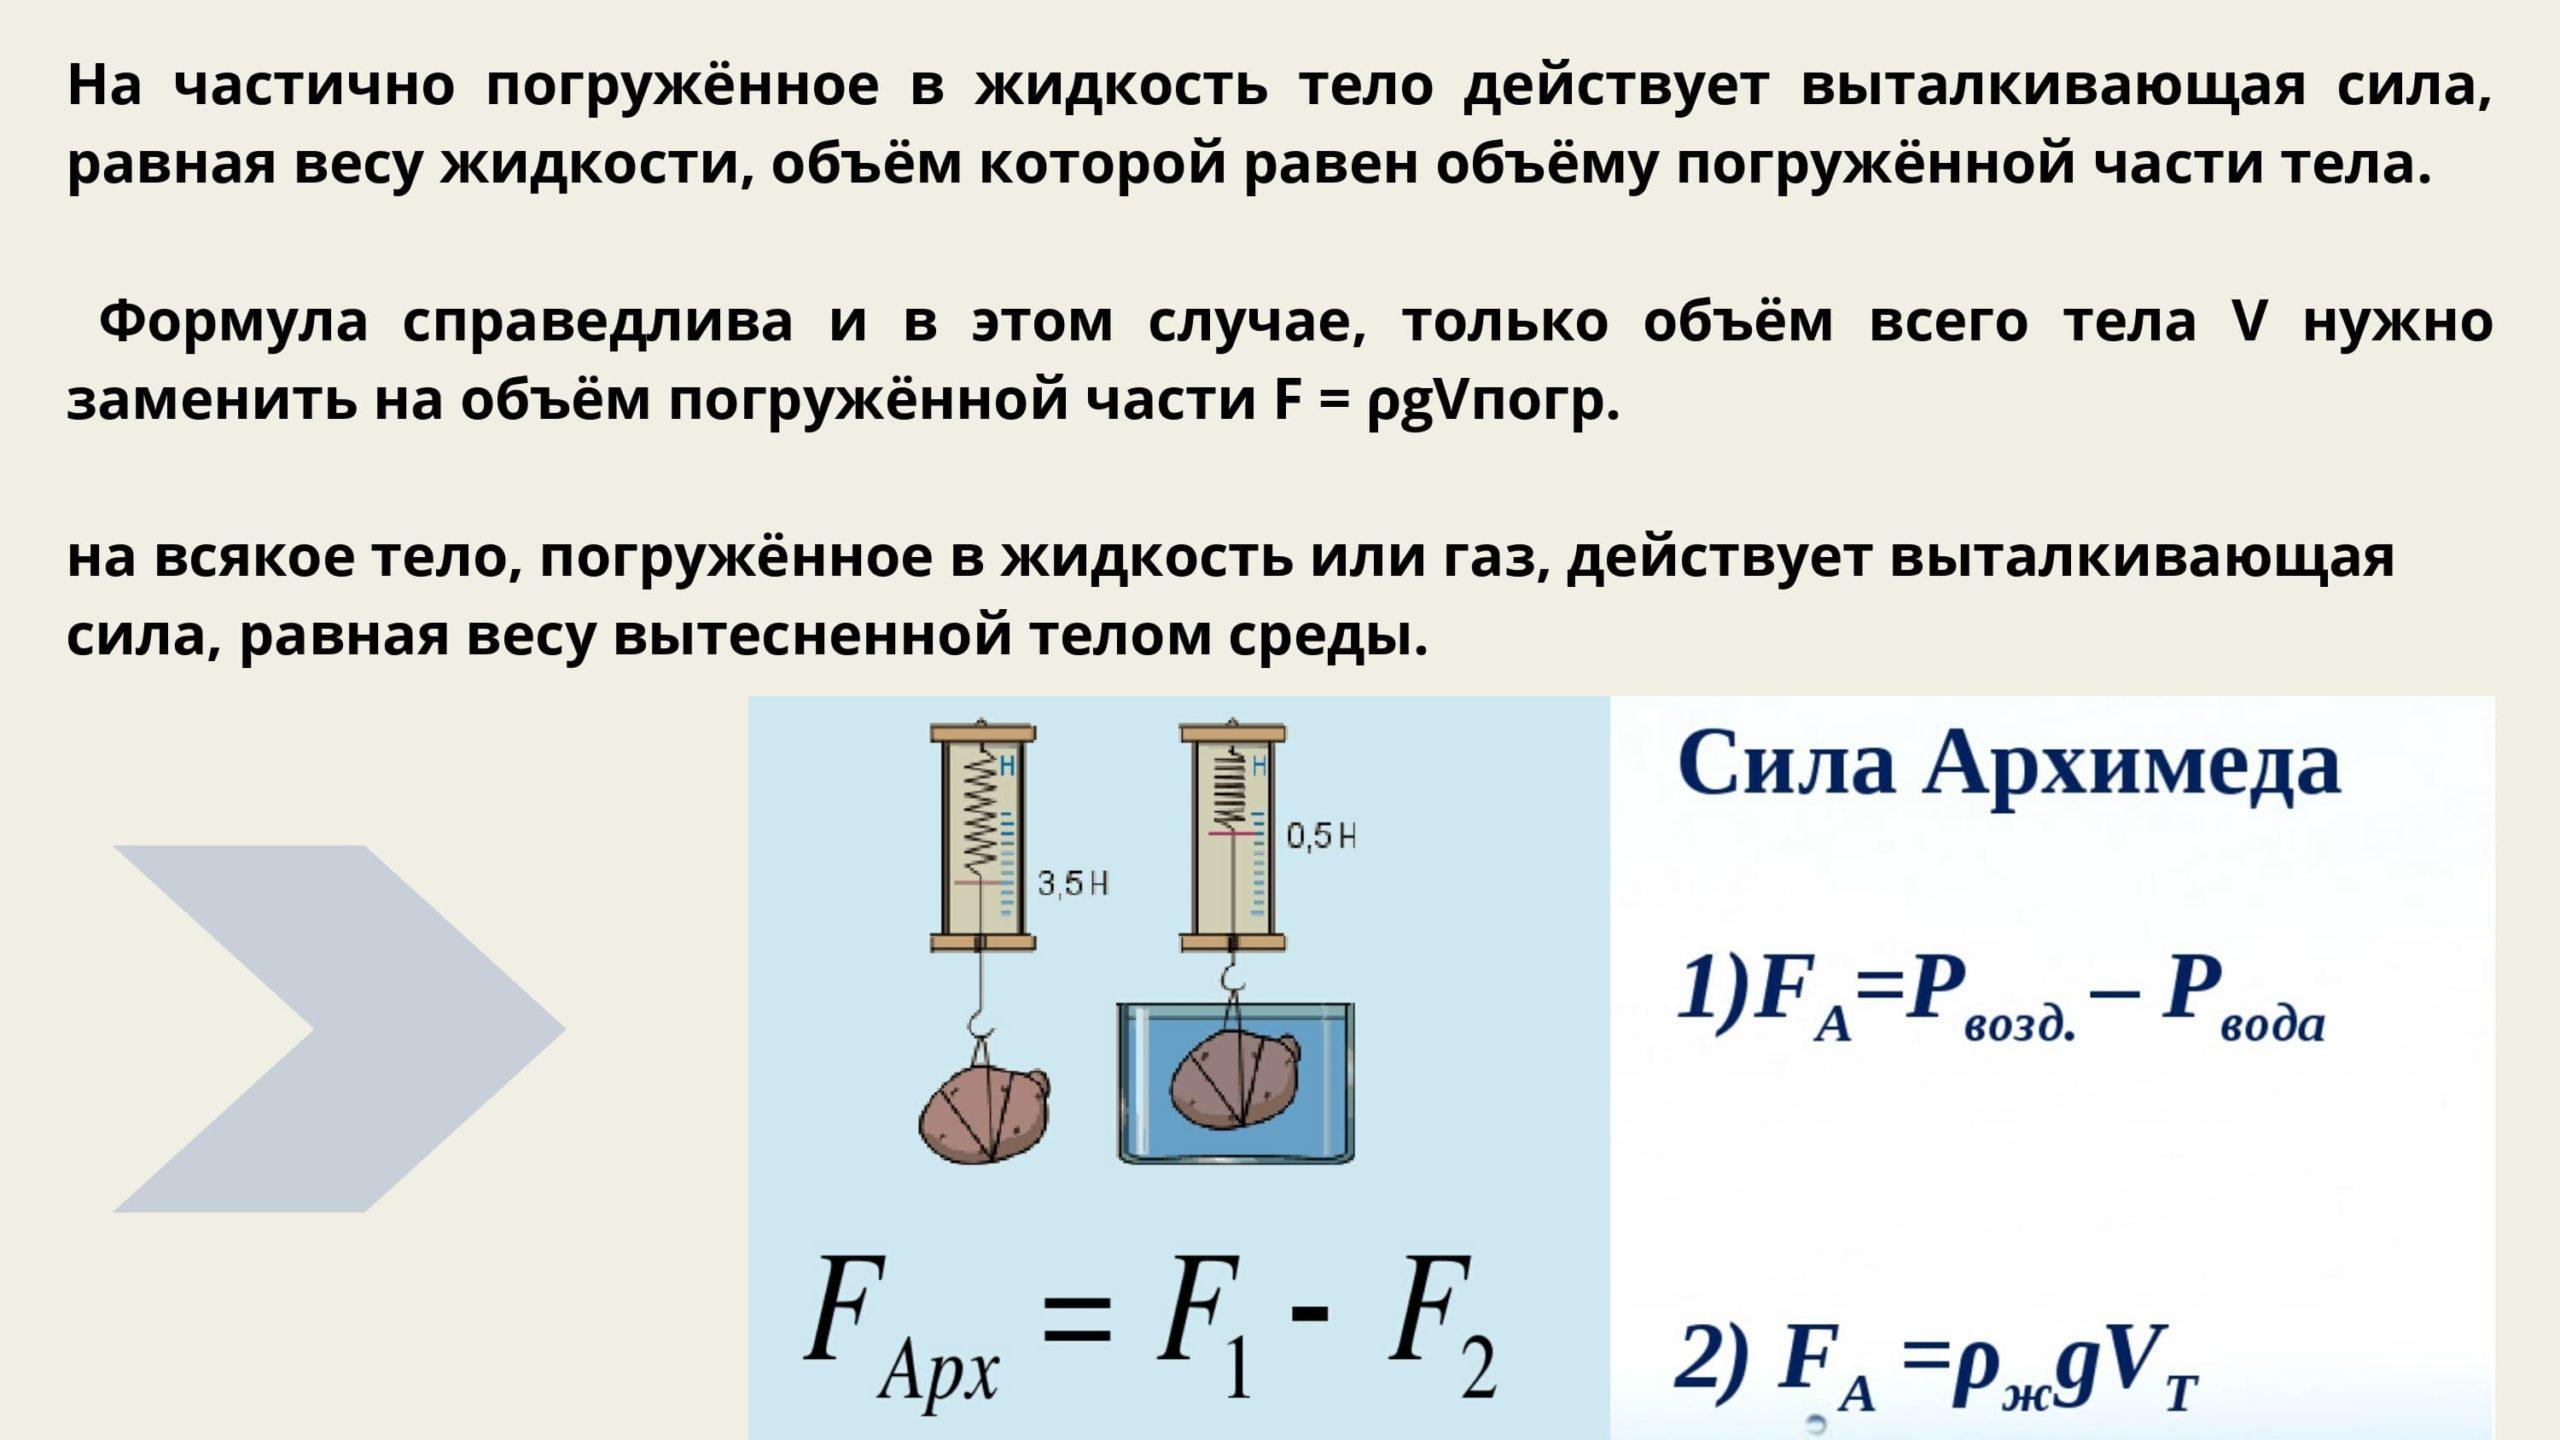 Сила Архимеда